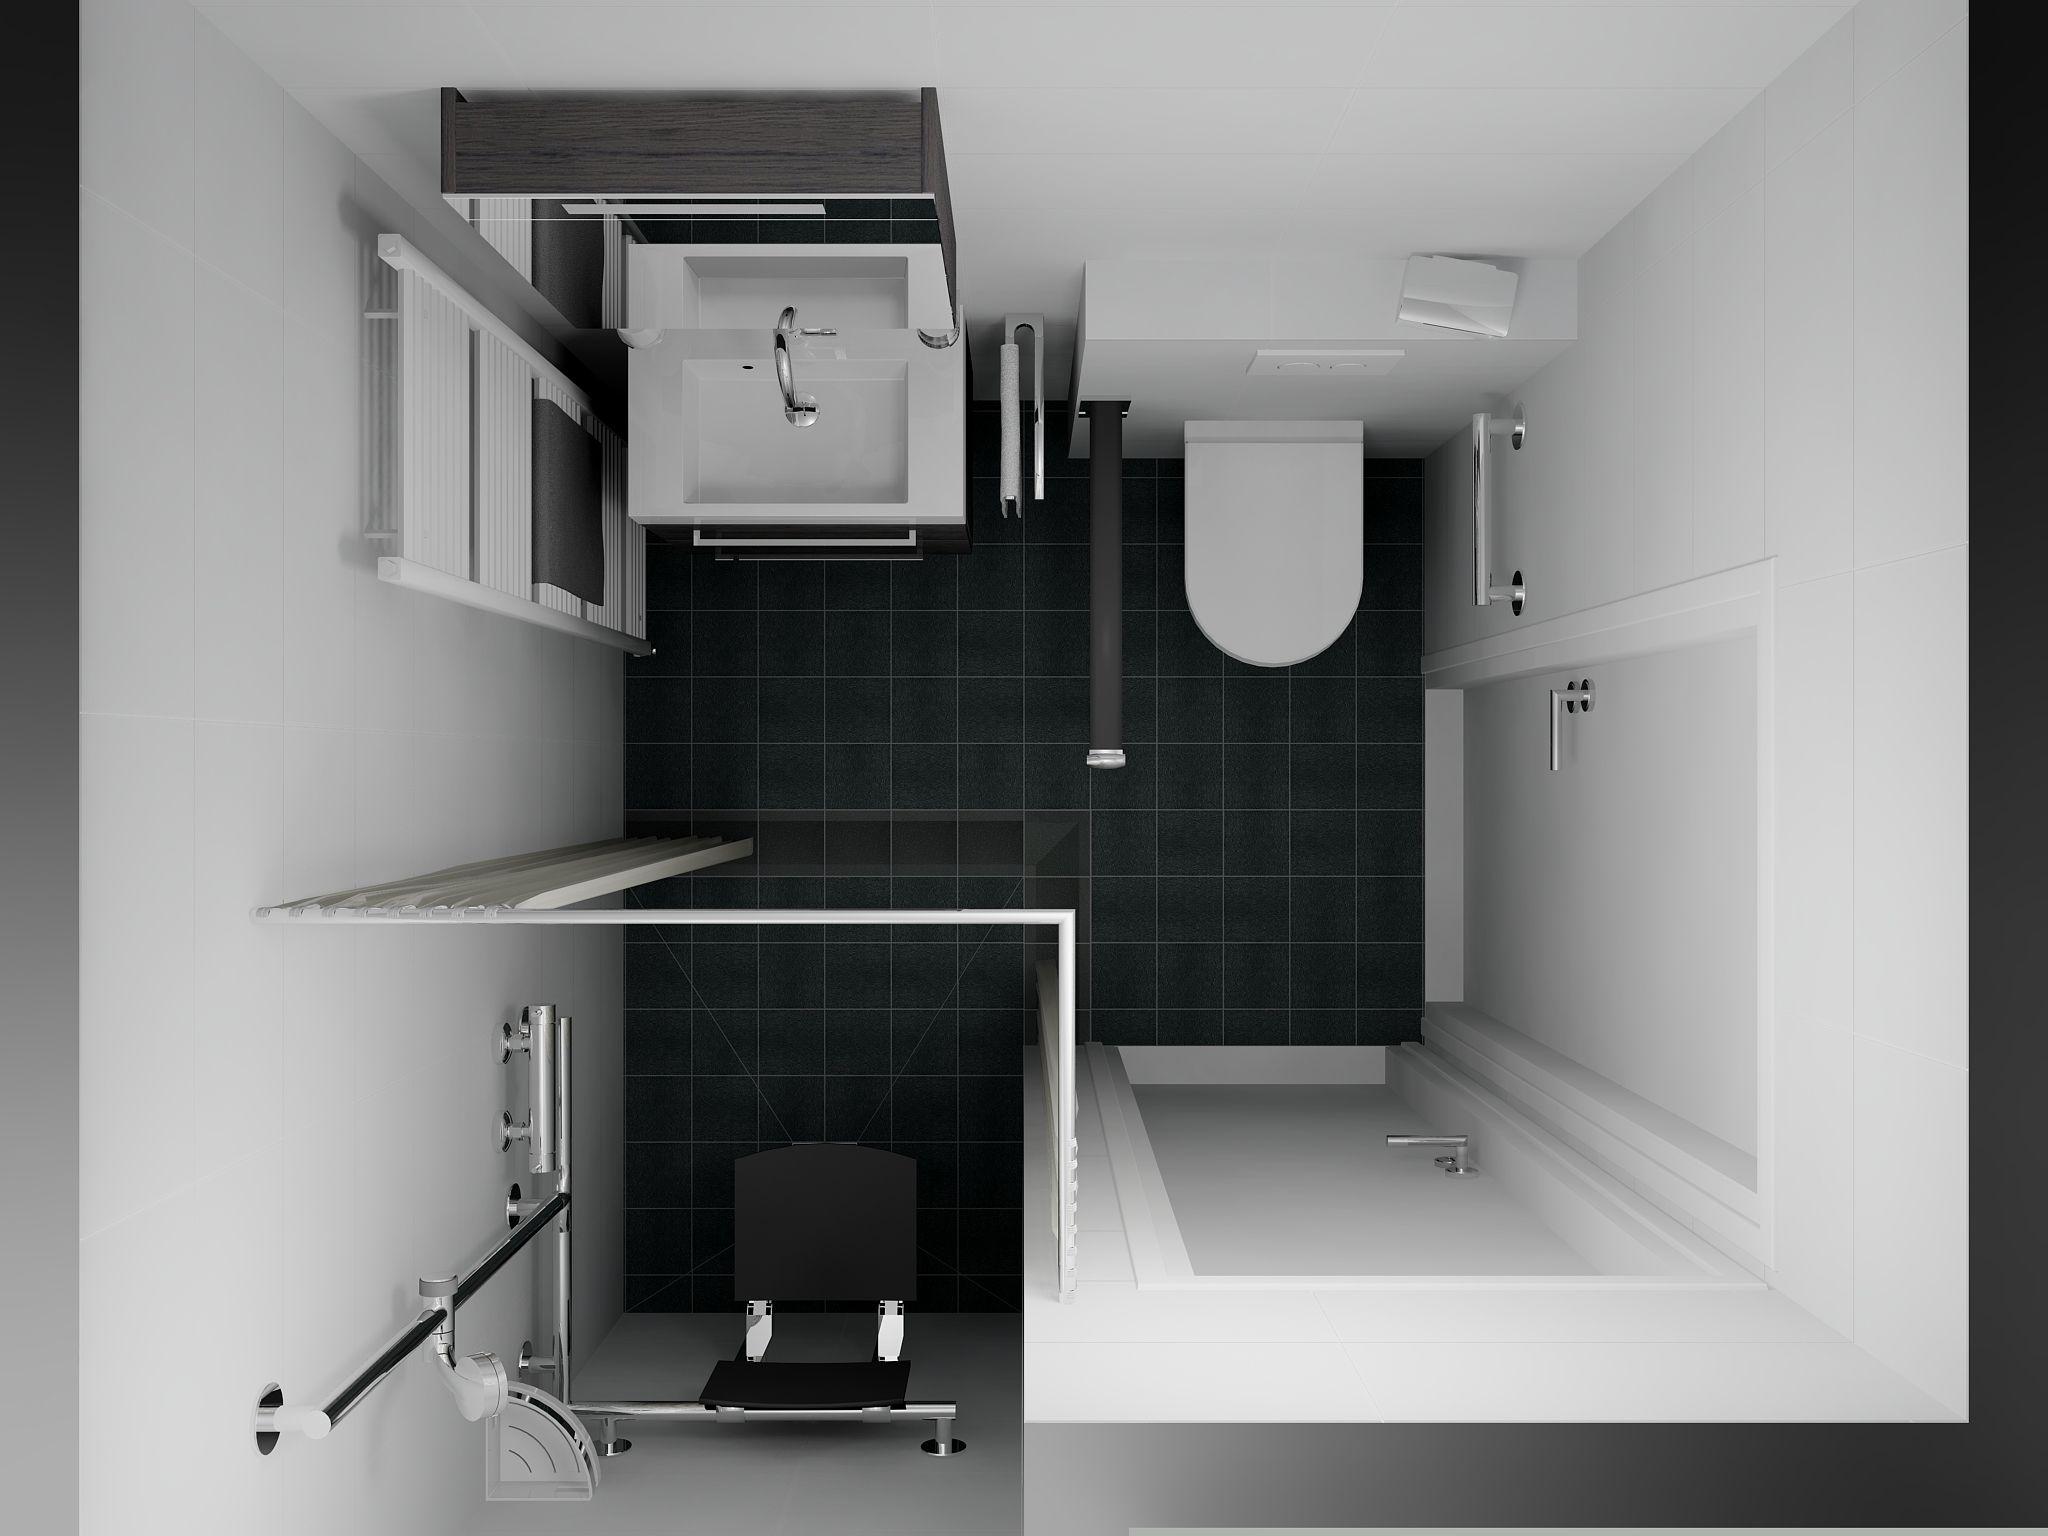 Een 3d ontwerp van een badkamer die ondersteunend is aan for Inrichting badkamer 3d